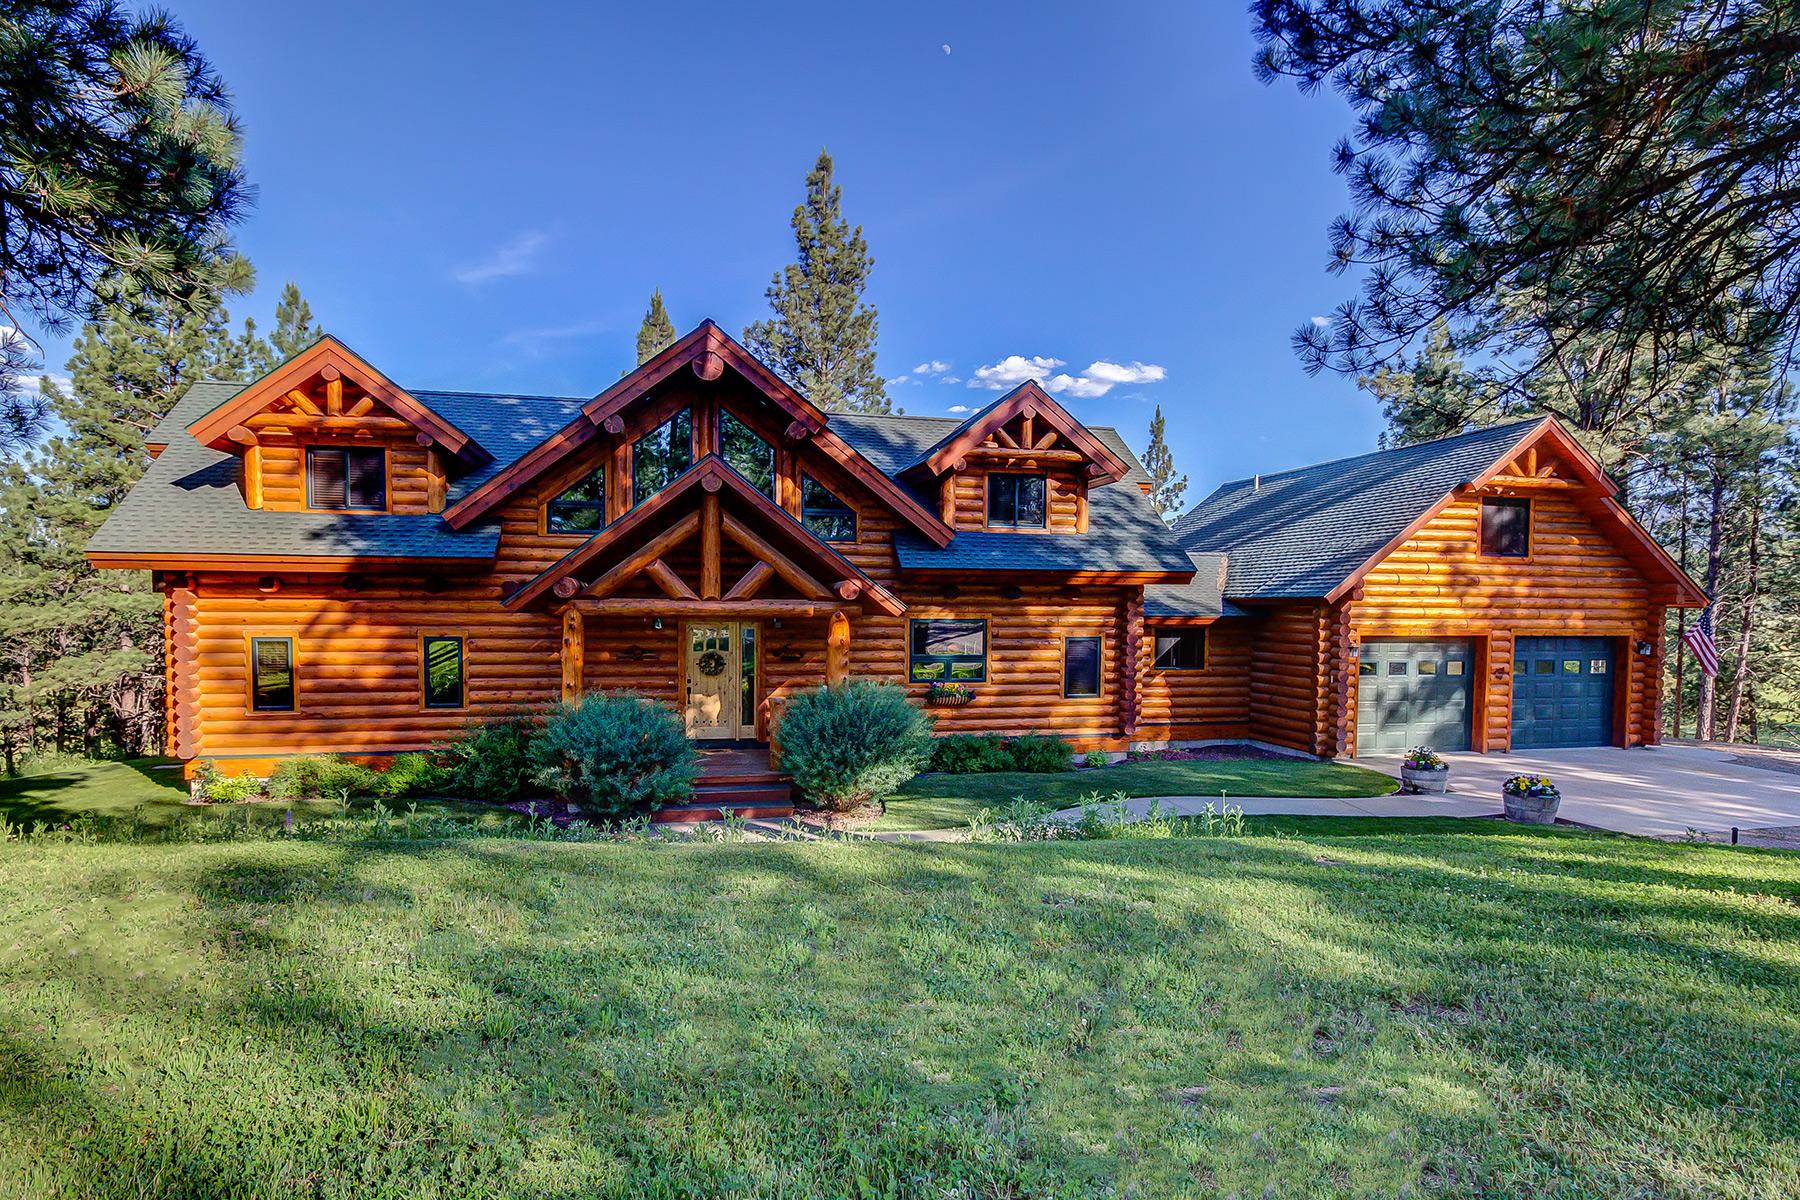 Villa per Vendita alle ore 27348 Rimfire Road Bonner, Montana 59823 Stati Uniti